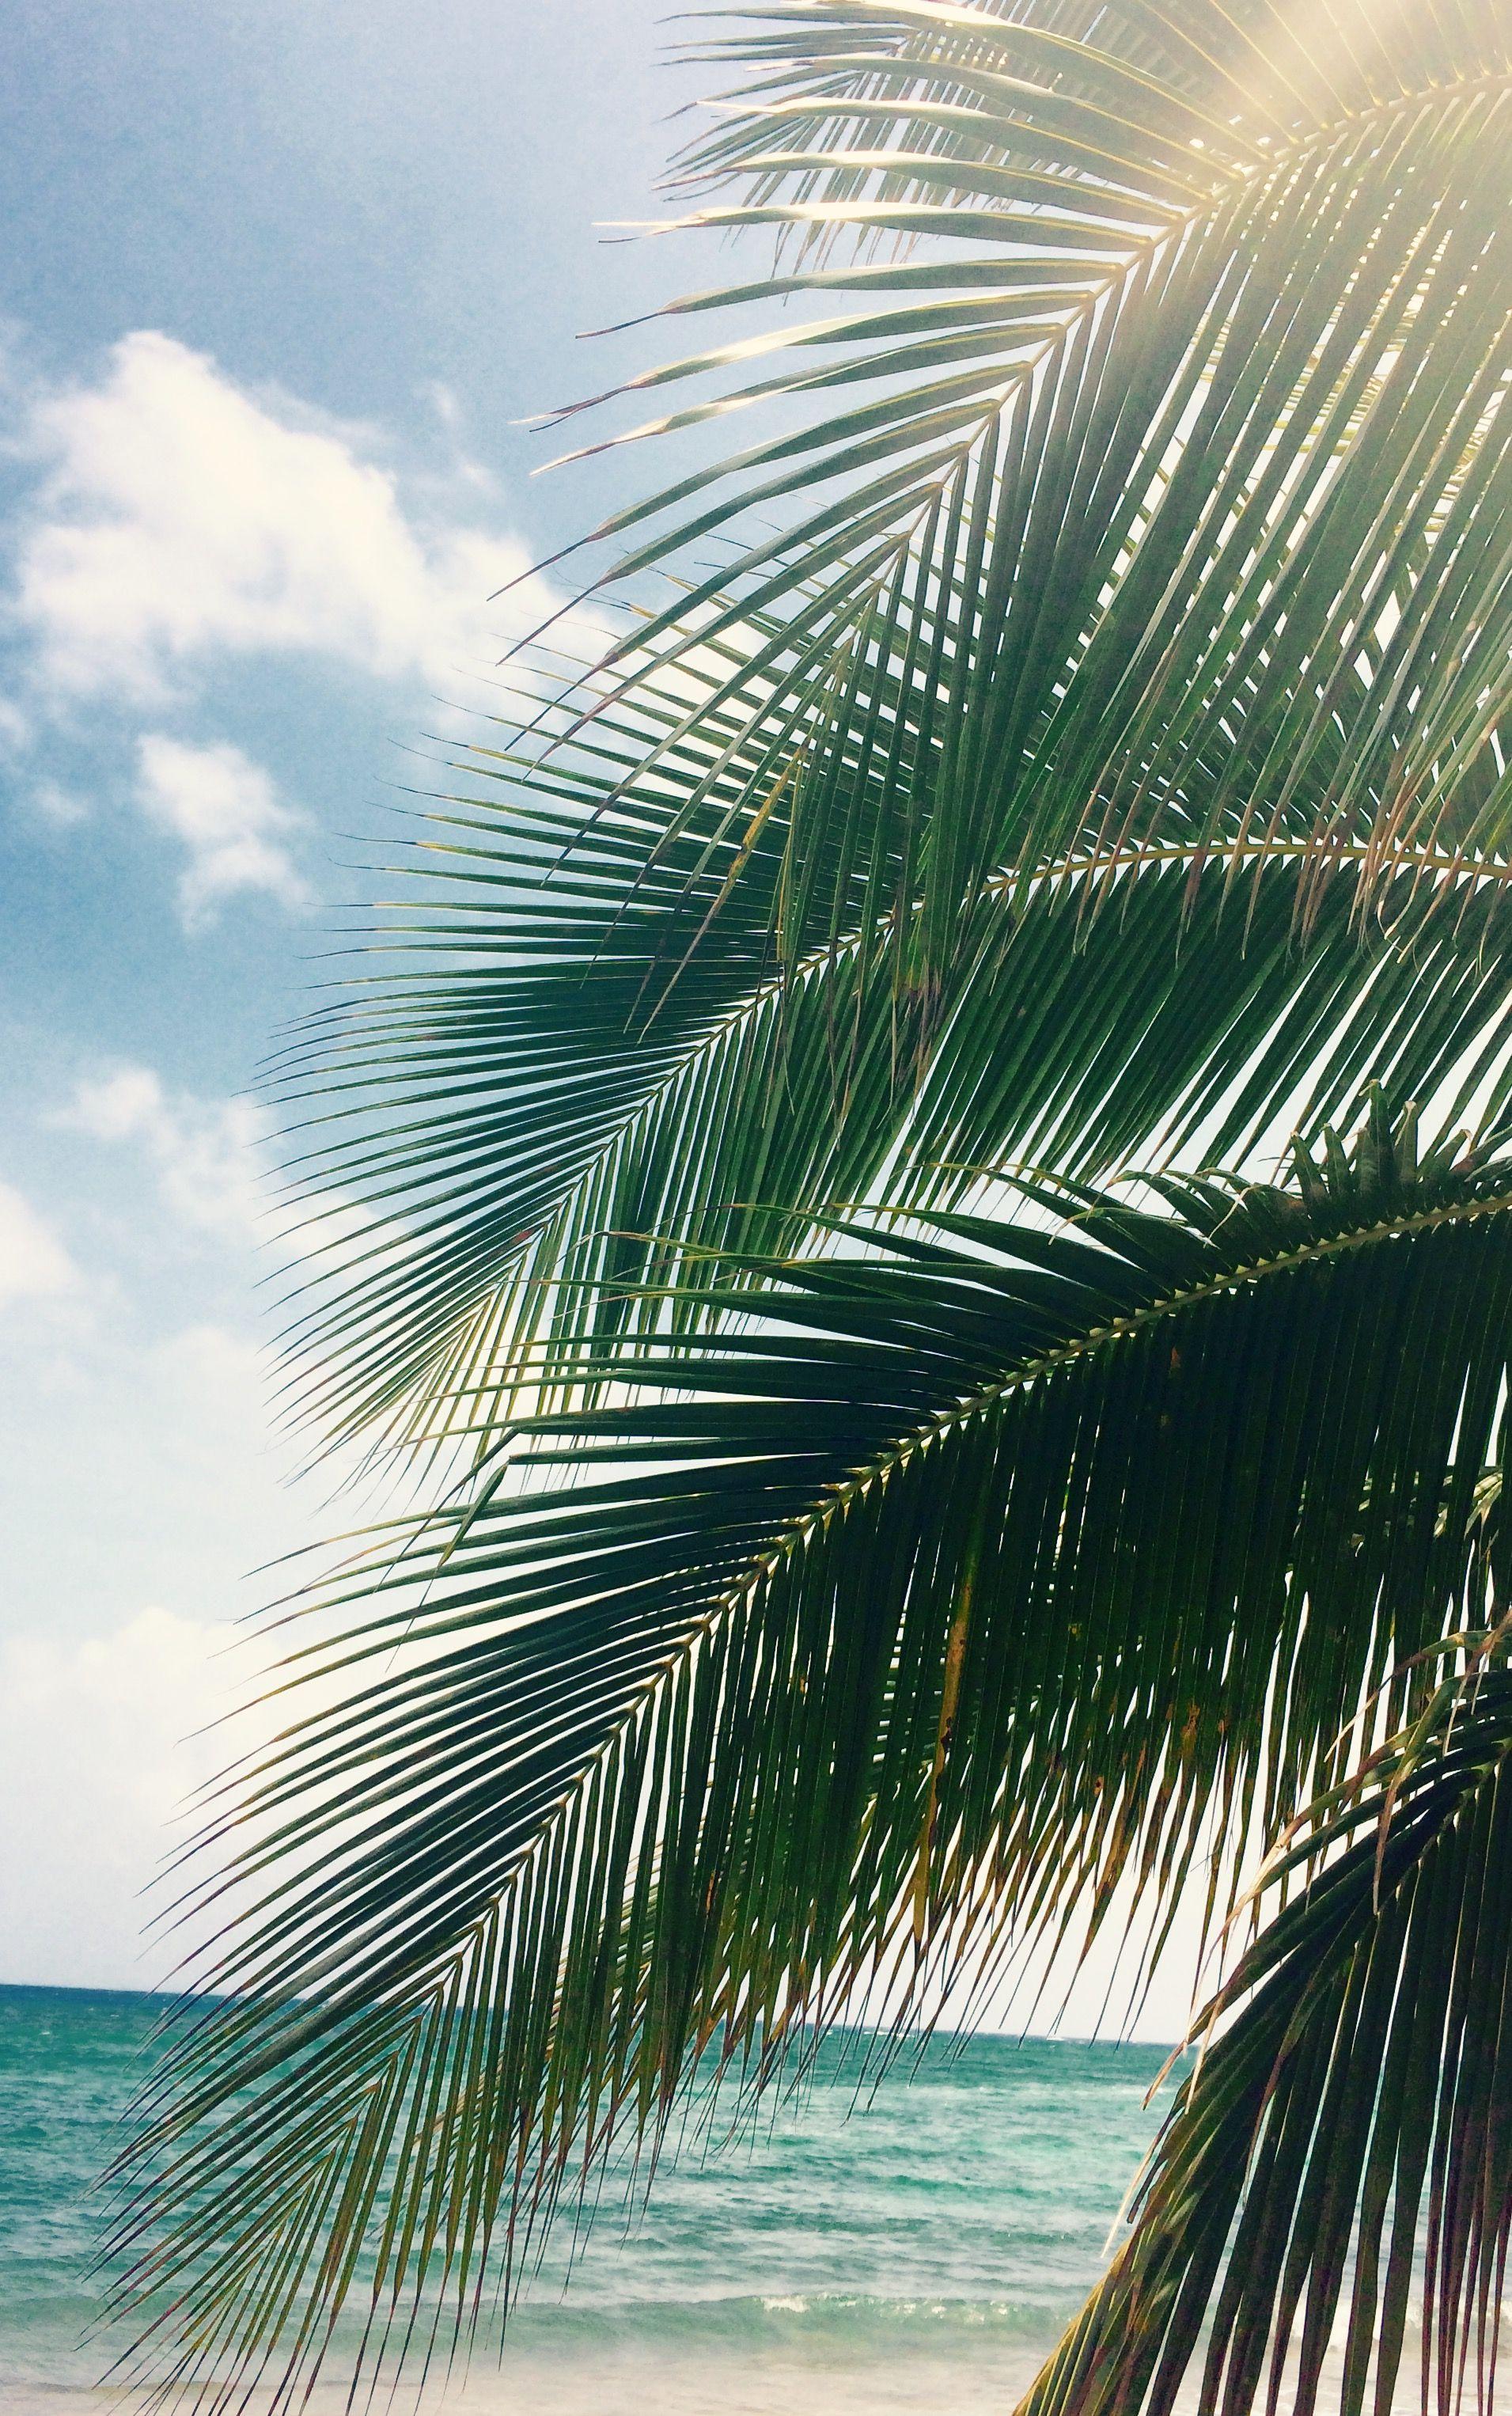 Jamaica Beach Wallpaper Iphone Summer Wallpaper Tropical Vibes